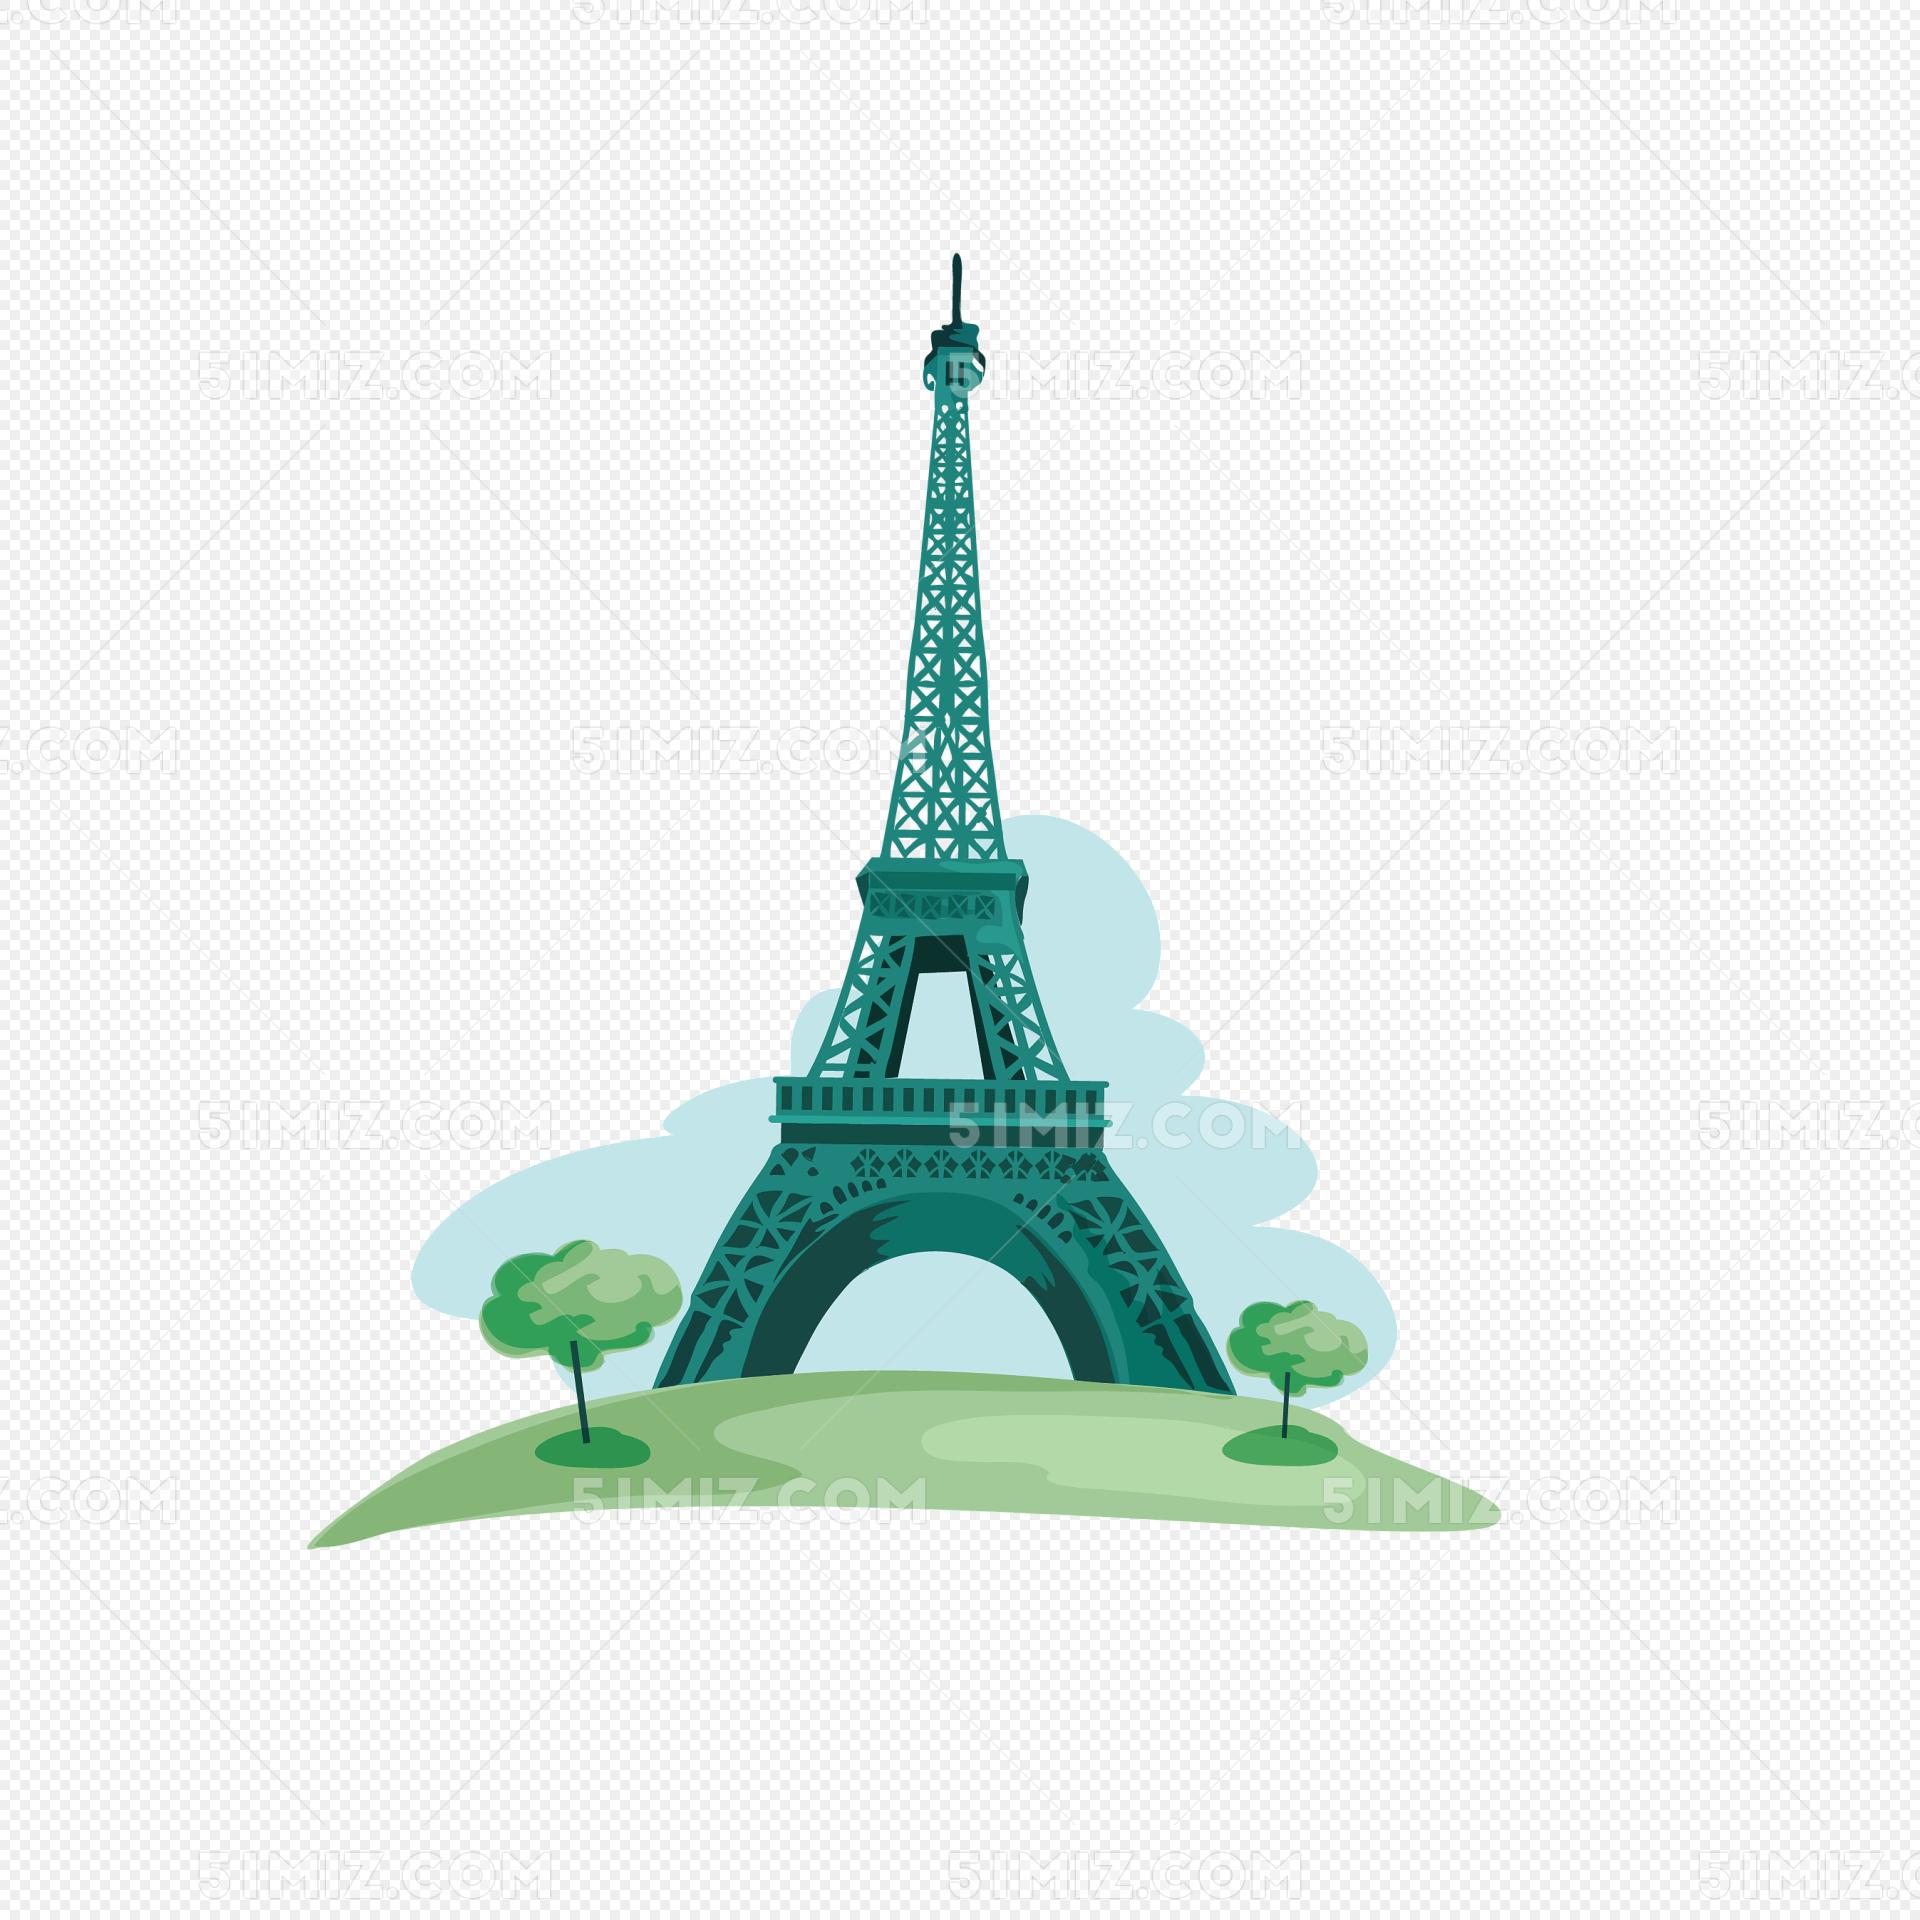 手绘法国埃菲尔铁塔图片素材免费下载_觅知网